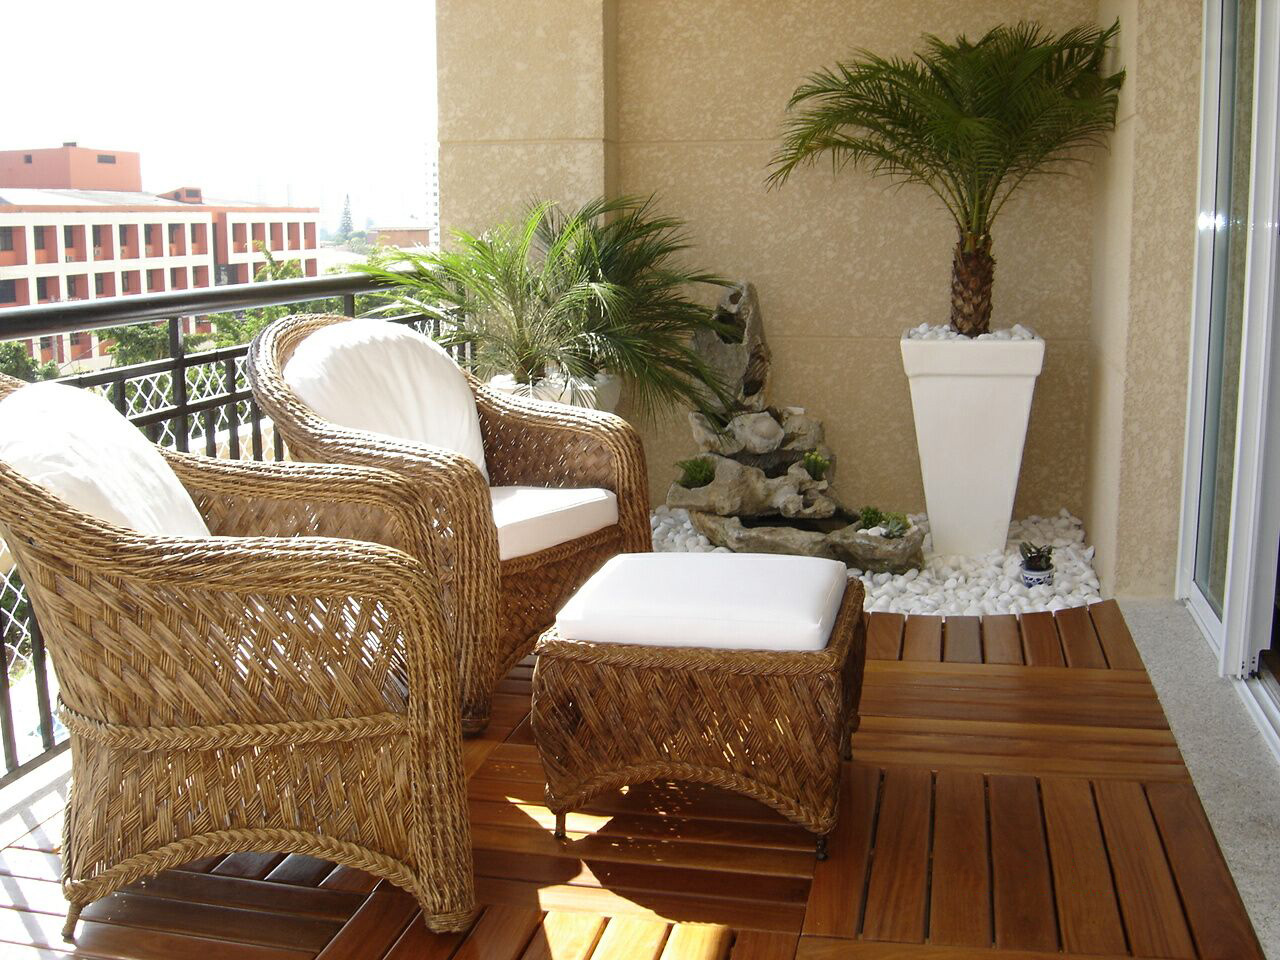 Piso de deck de madeira em varanda aberta mobiliada e decorada